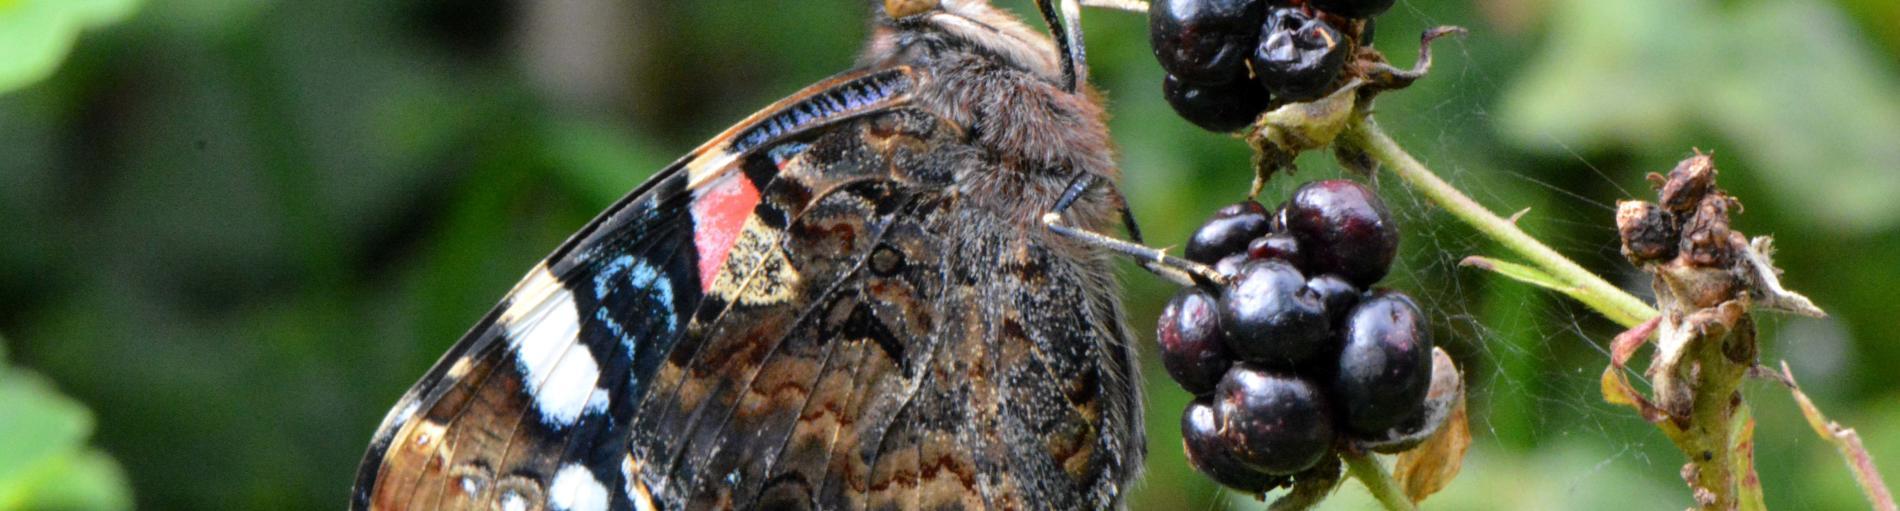 Immer weniger Schmetterlinge – eine Folge des Klimawandels?